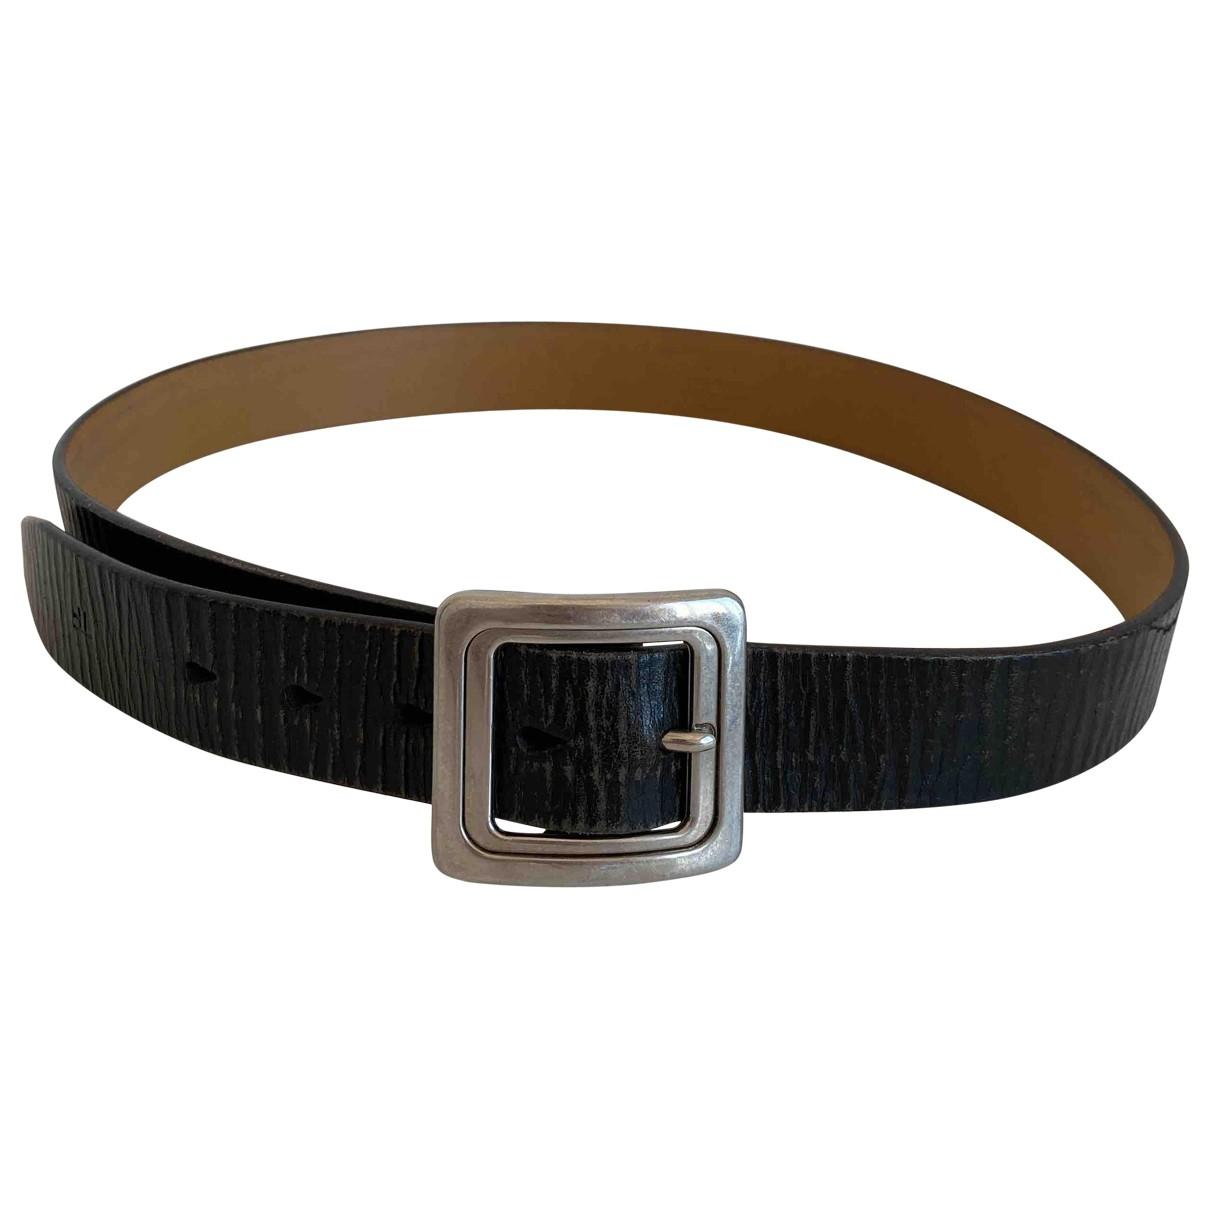 Cinturon de Cuero Tom Ford